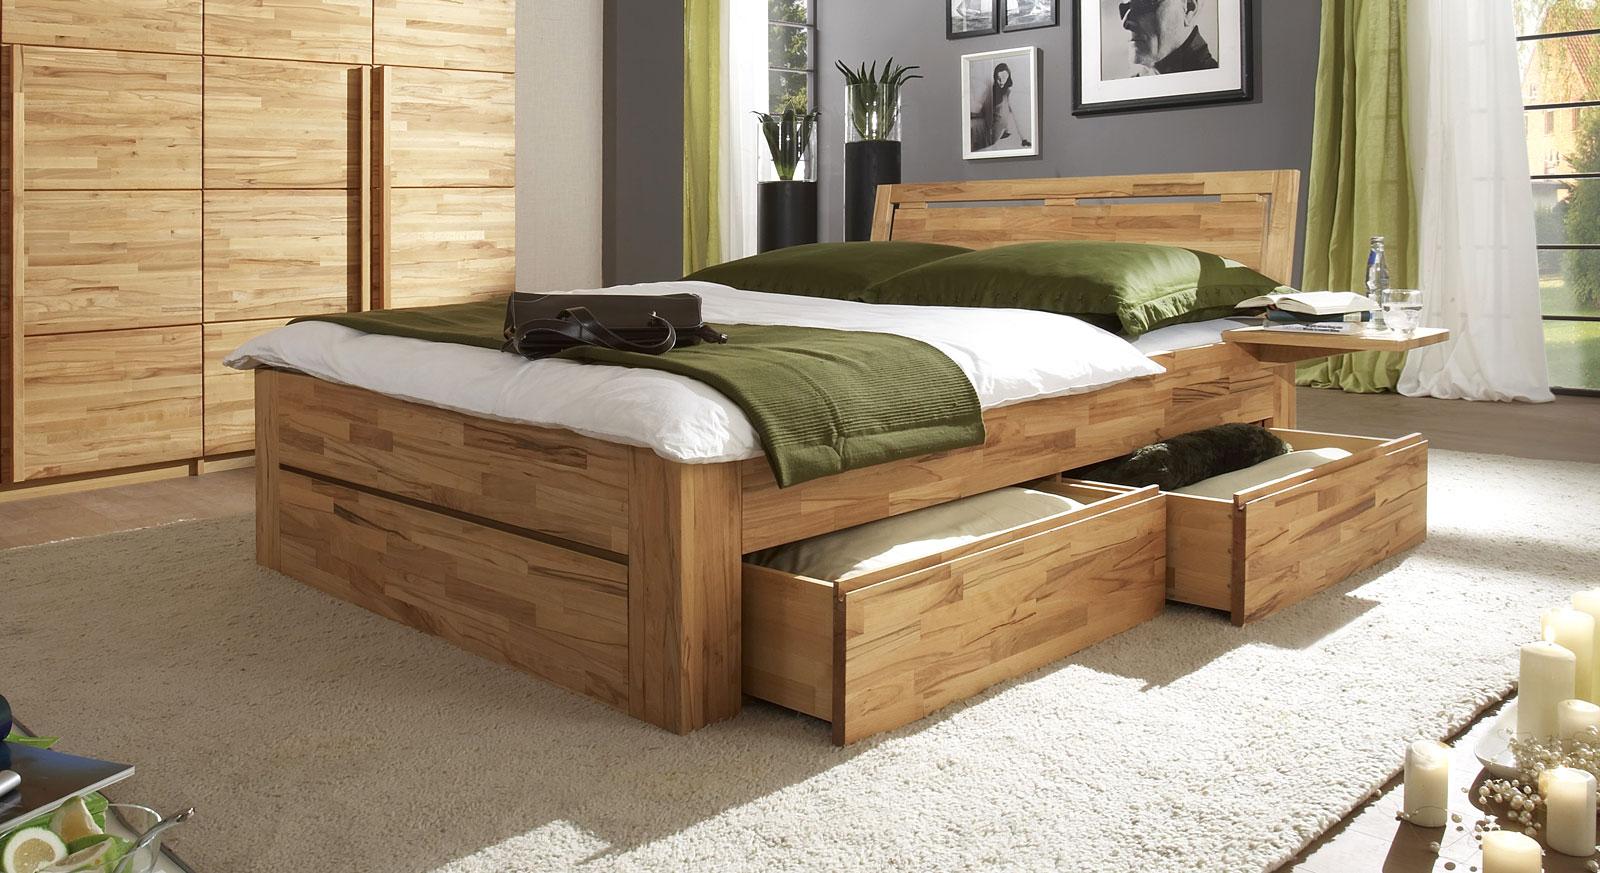 Schubkastenbett mit zusätzlichem Stauraum - Bett Andalucia